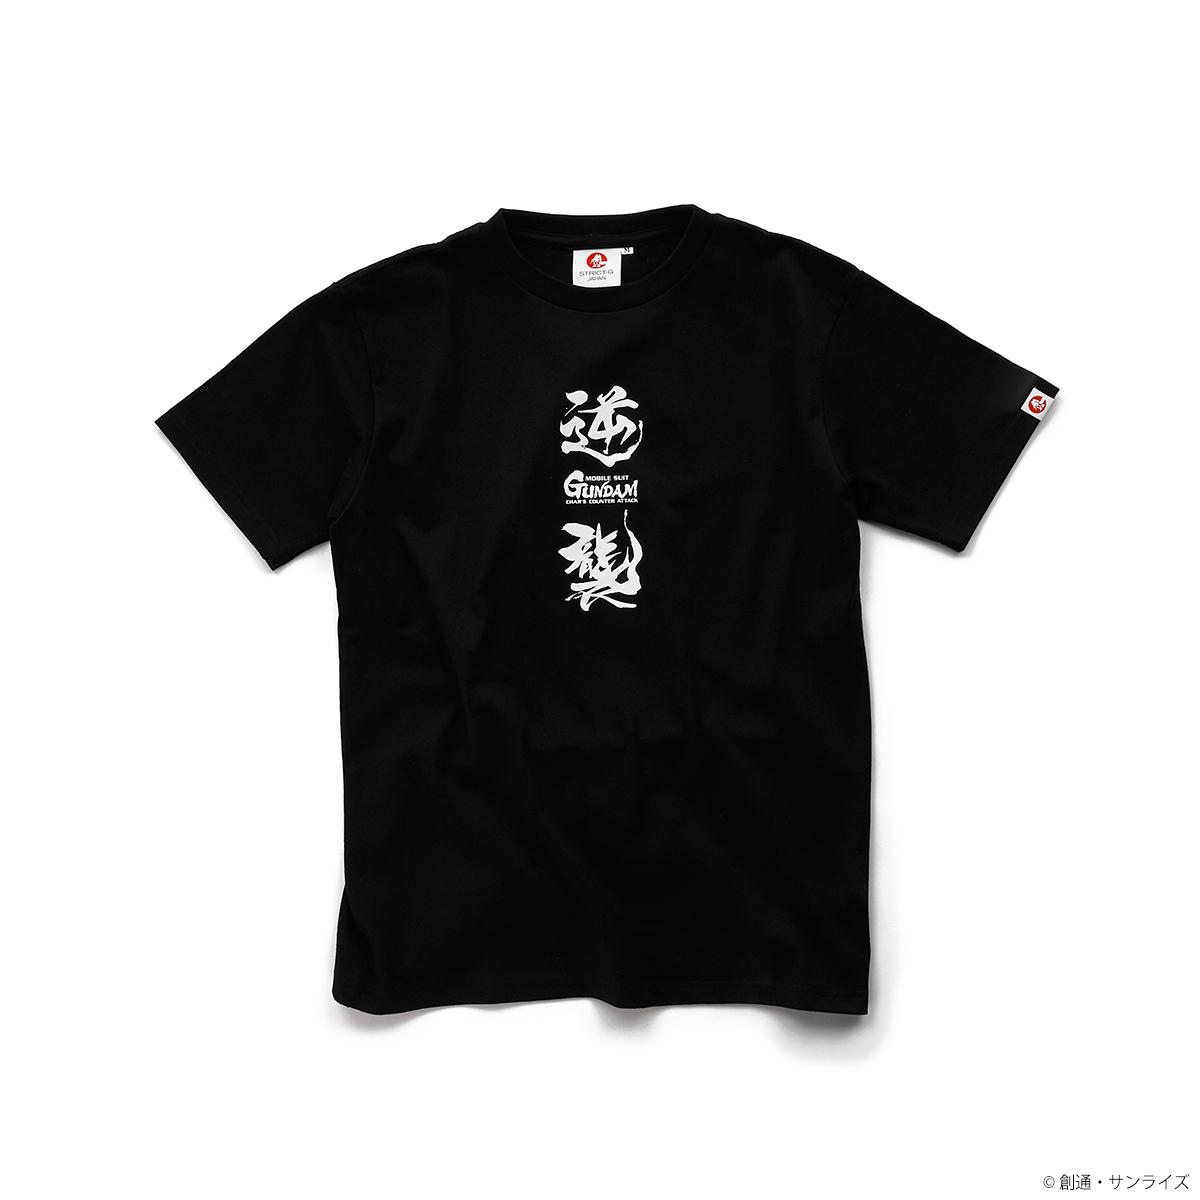 STRICT-G JAPAN『機動戦士ガンダム 逆襲のシャア』Tシャツ サザビー柄